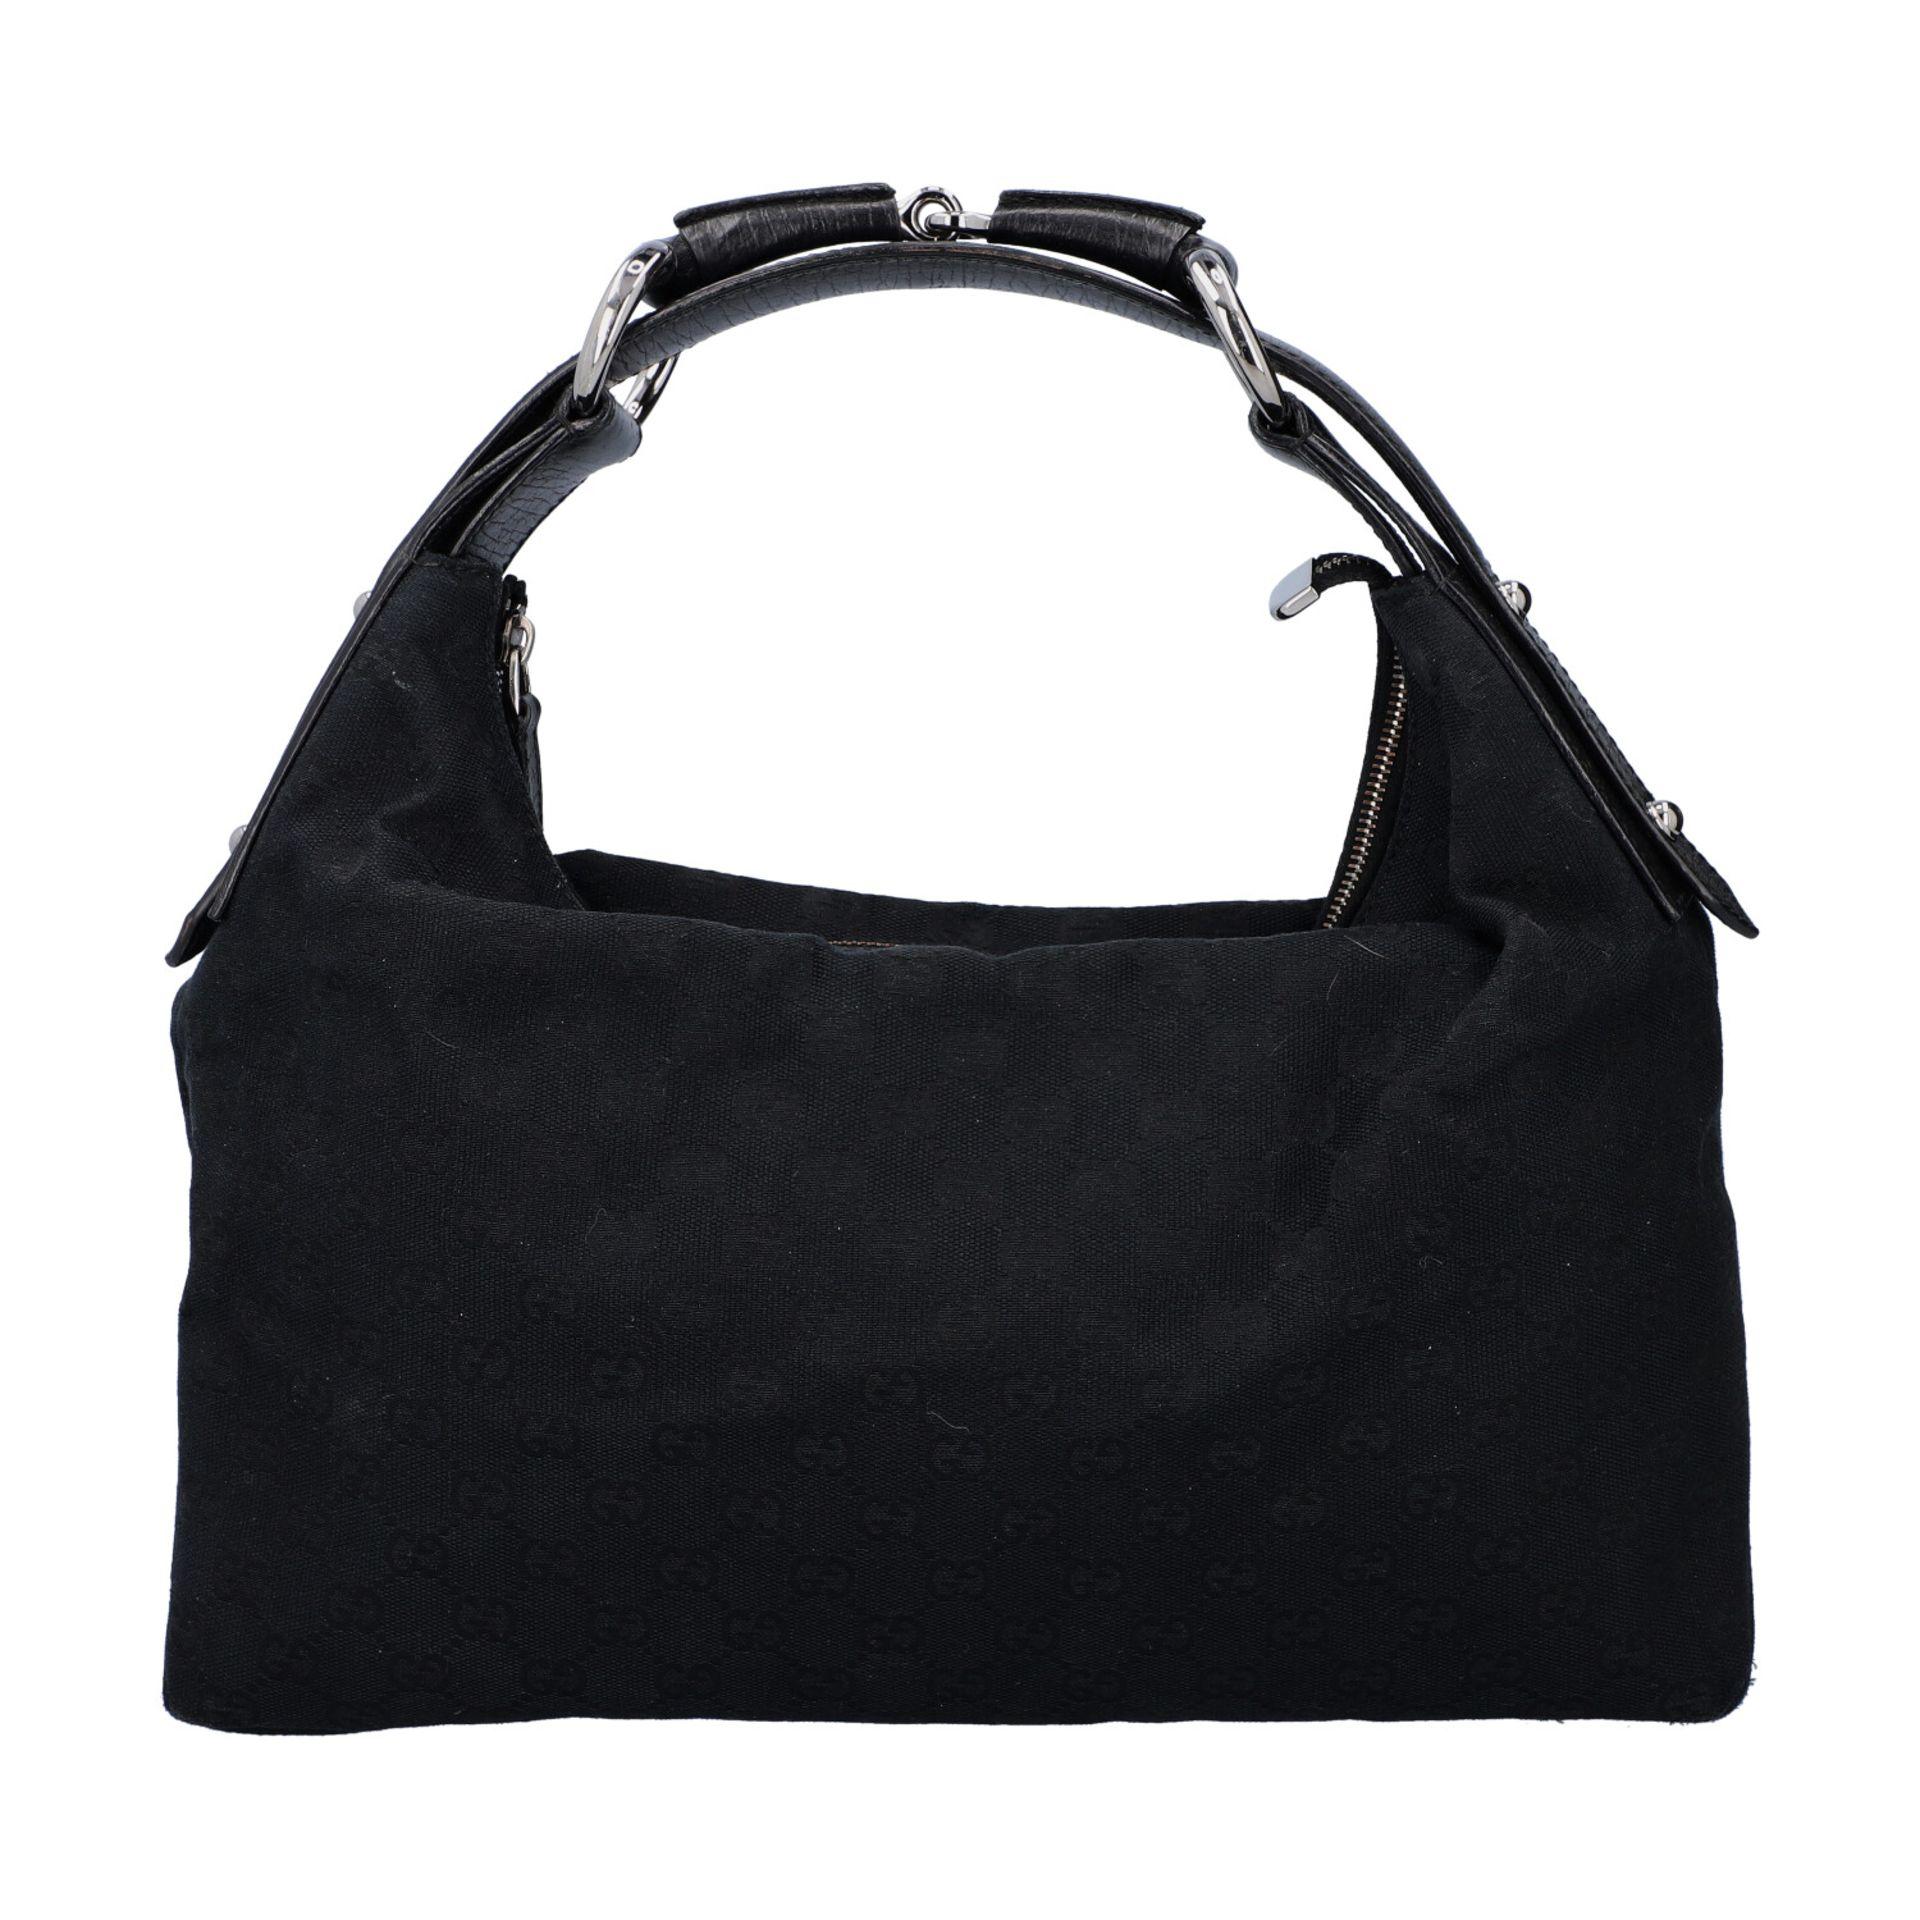 GUCCI Handtasche. Guccissima Design auf schwarzem Textil mit silberfarbener Hardware, - Image 4 of 8